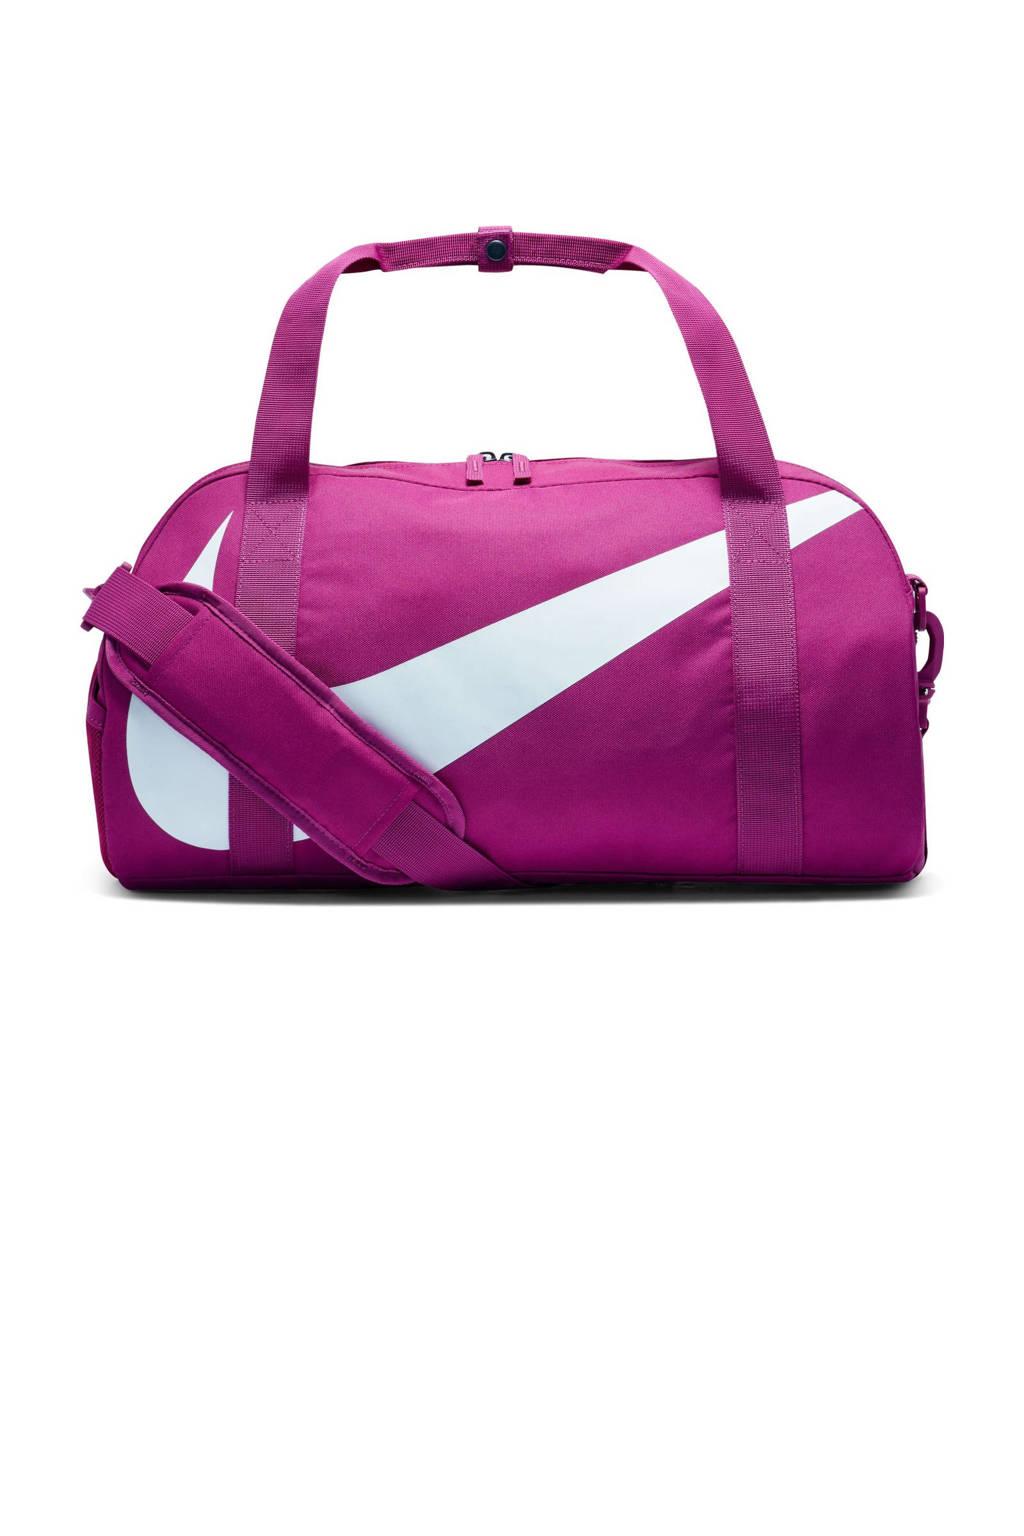 Nike   sporttas roze, Roze